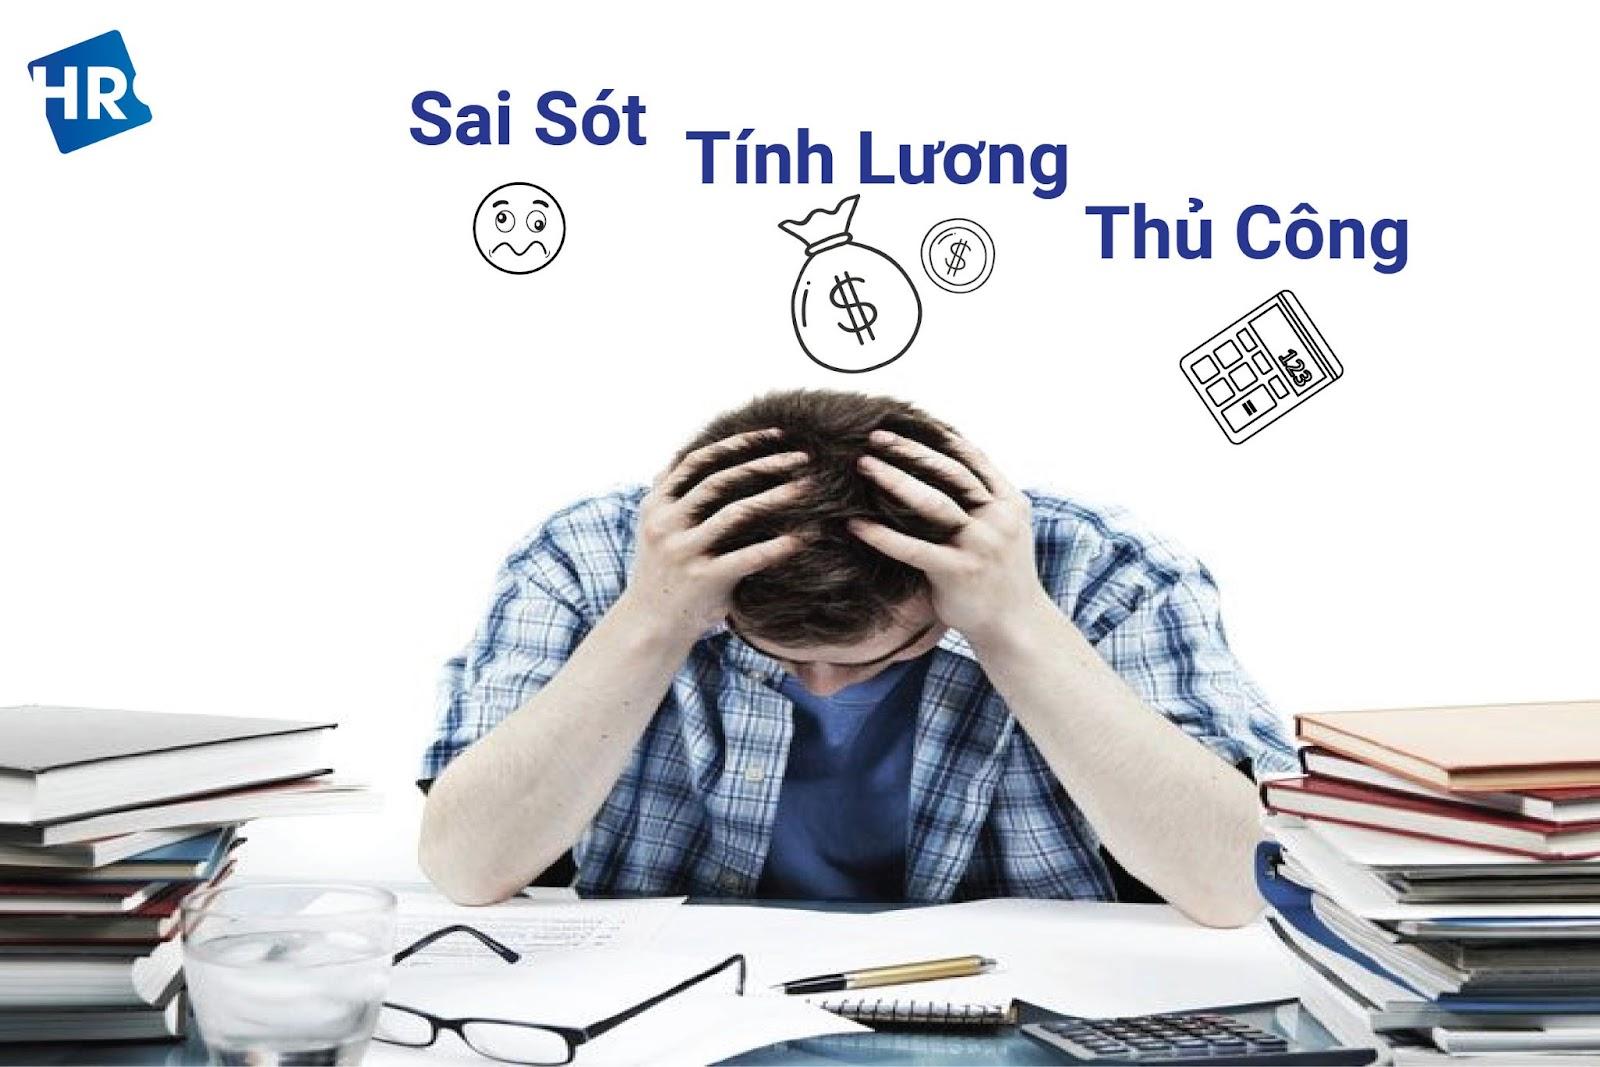 Quản lý luôn phải đau đầu vì tính lương thủ công sai sót